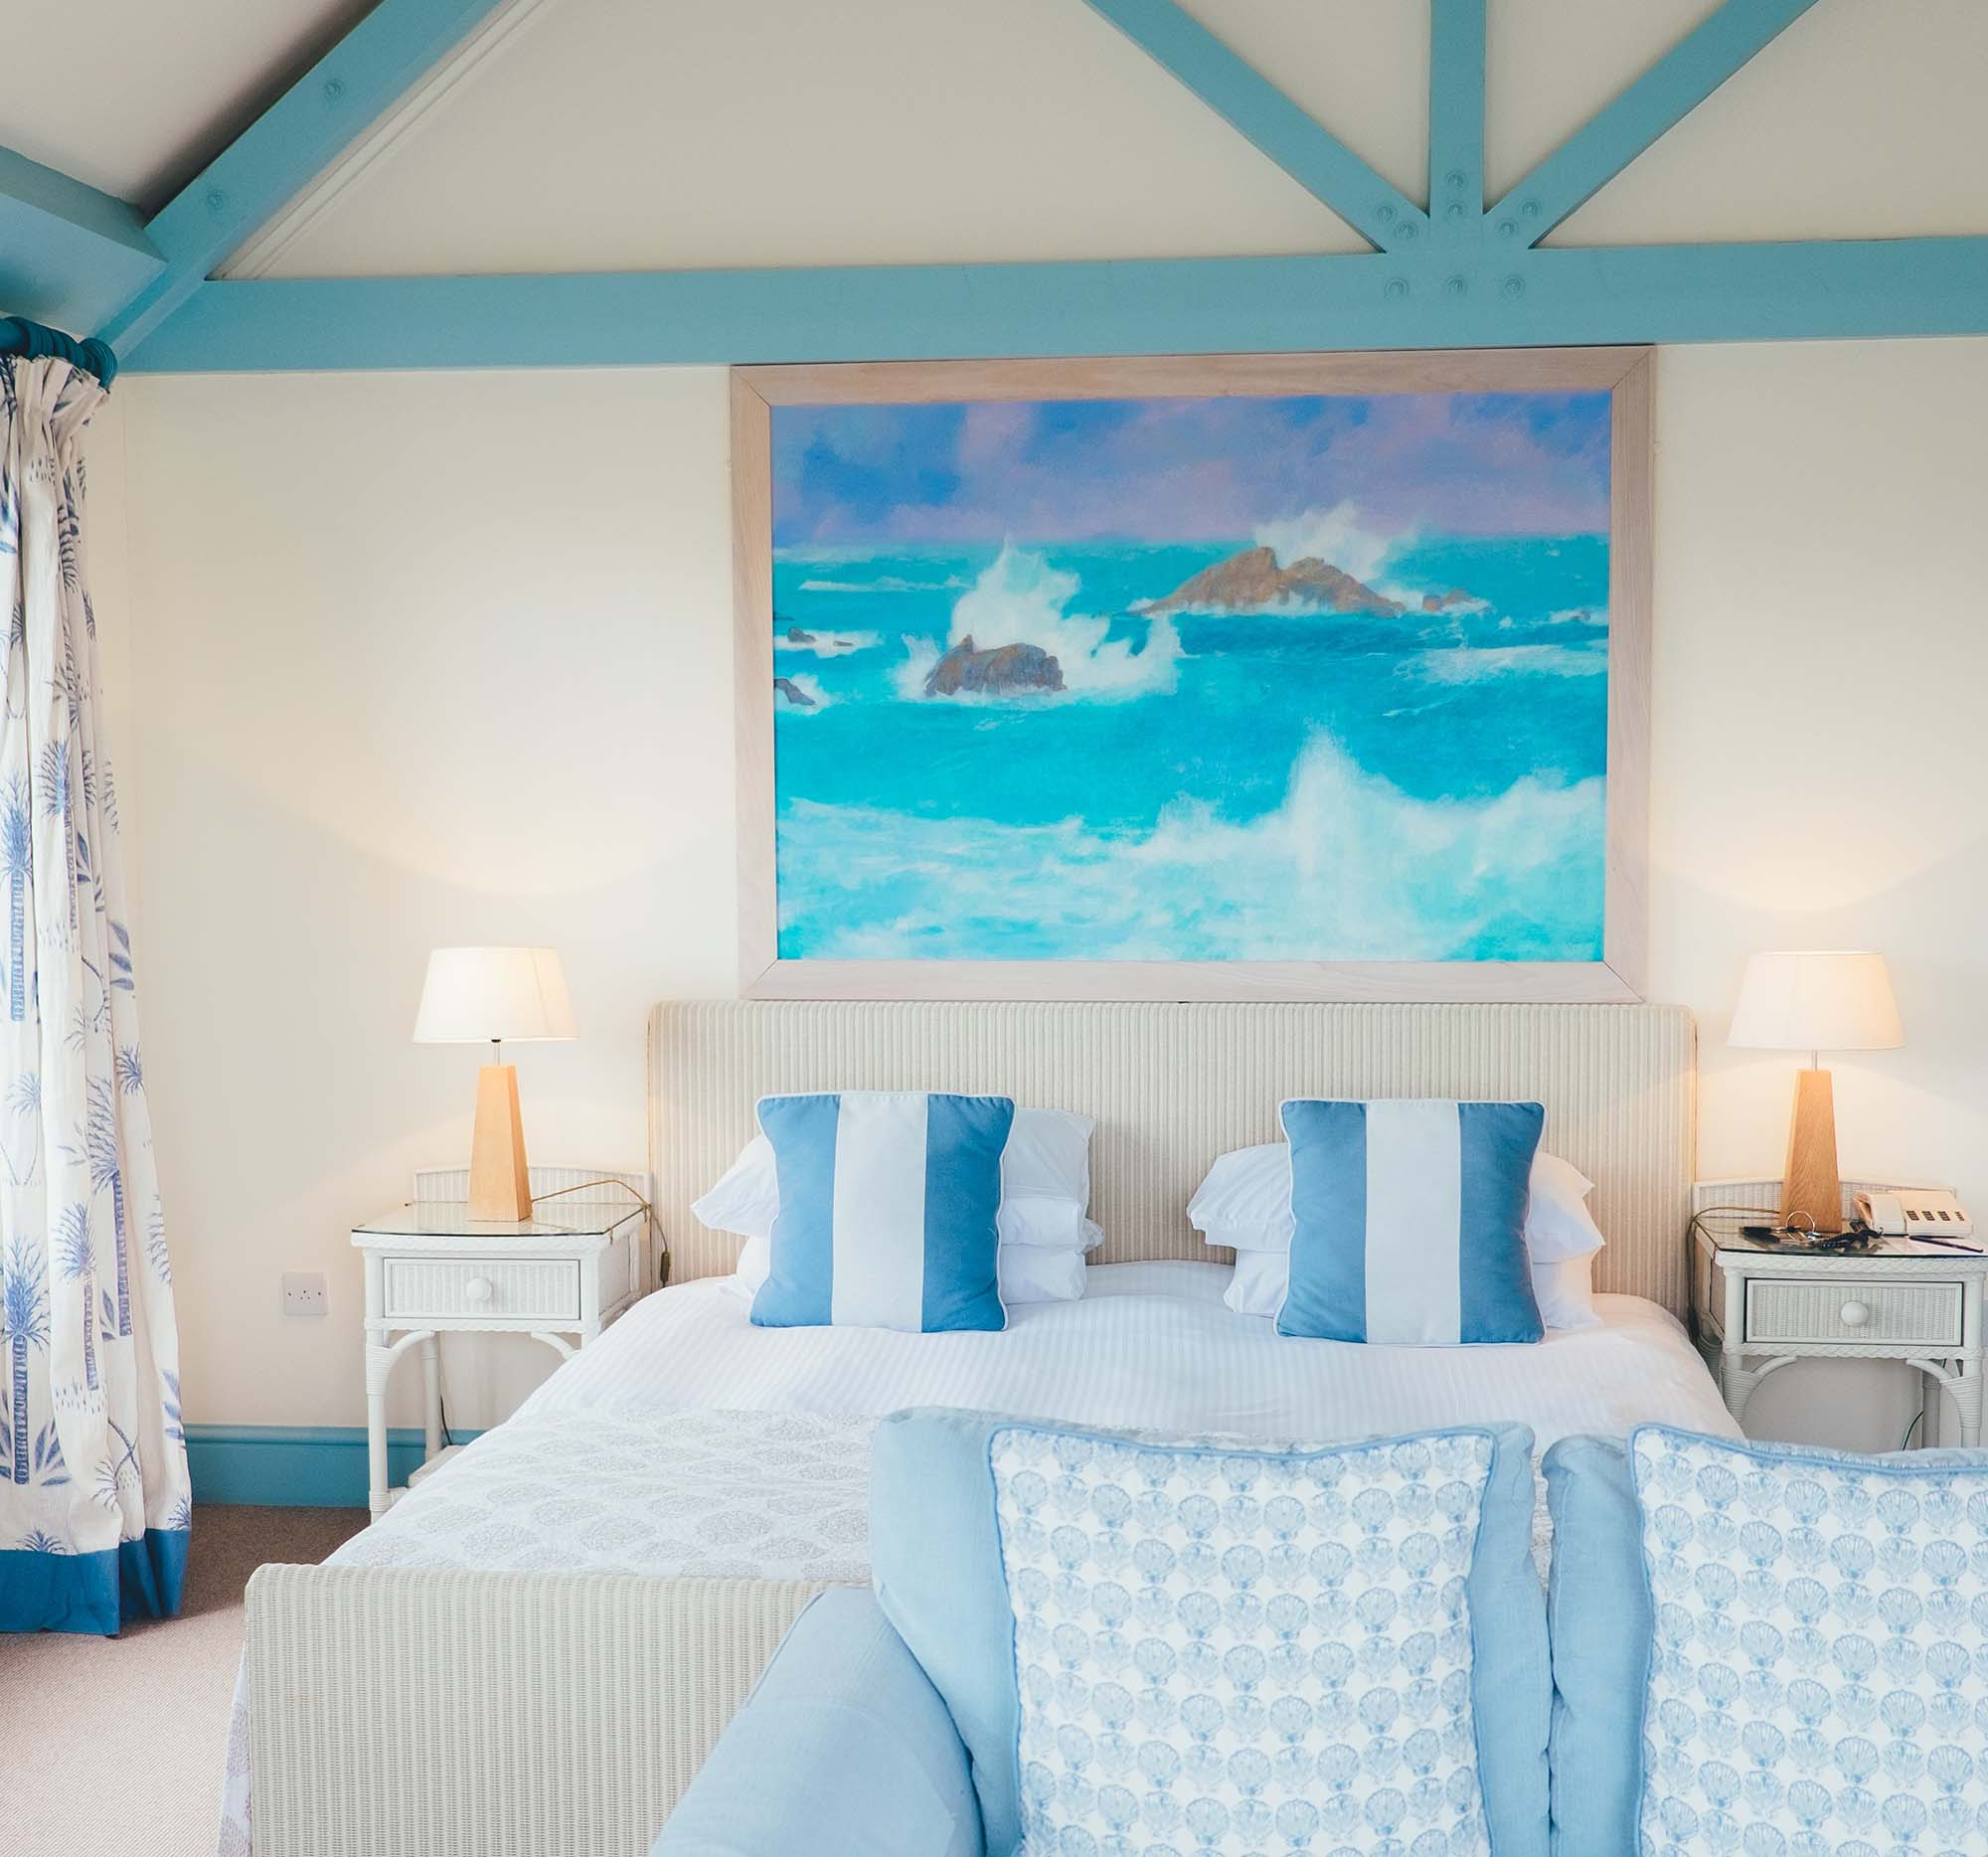 Jakie kolory wybrać donowoczesnej sypialni?